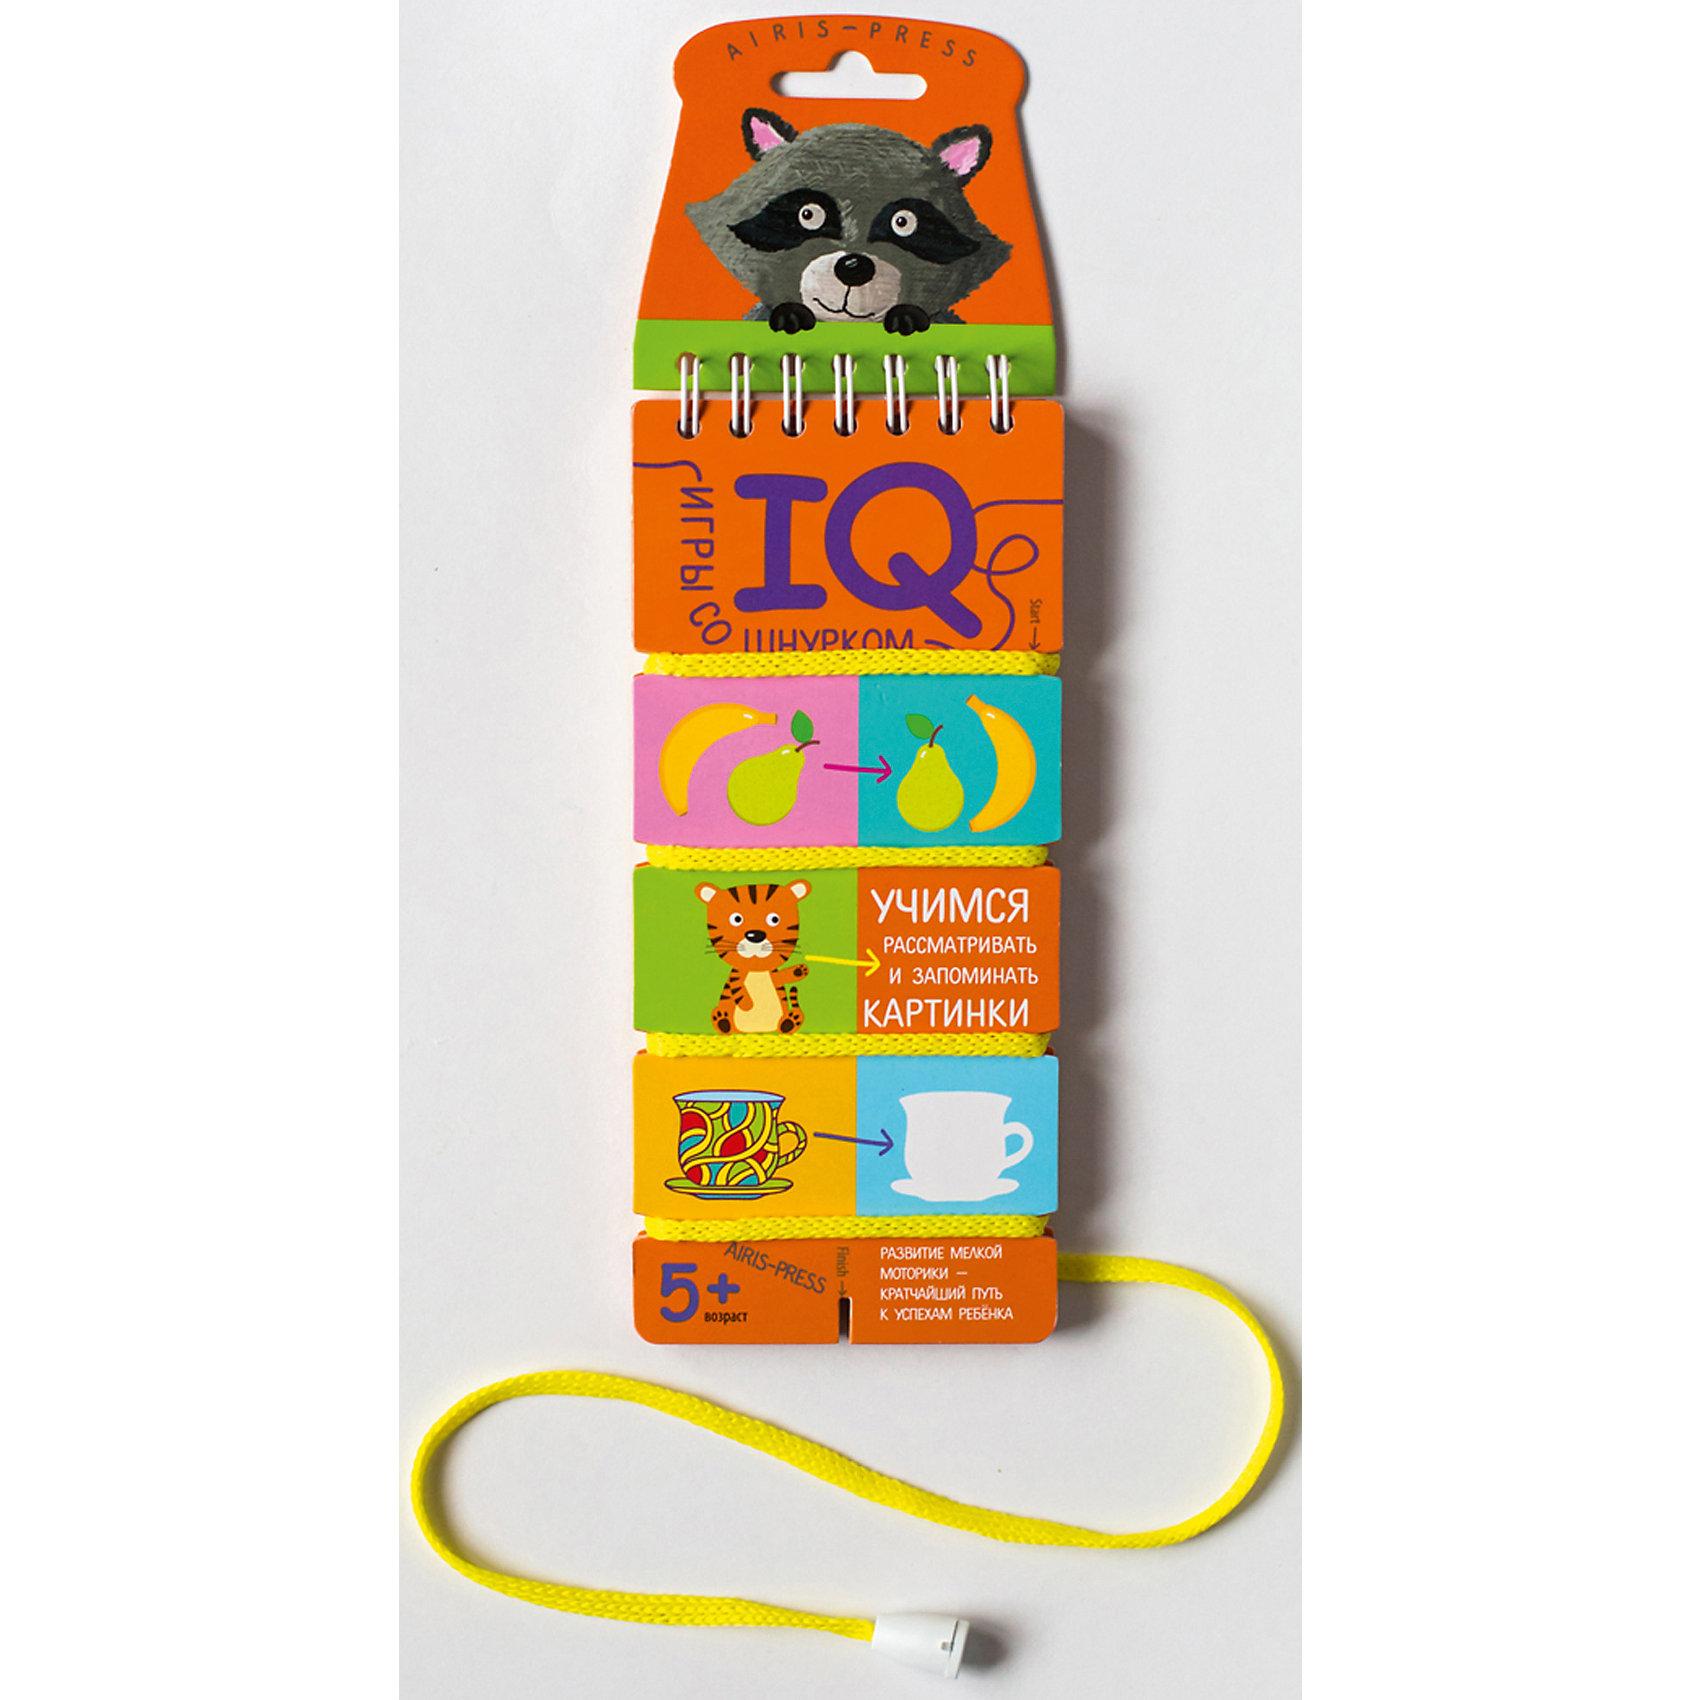 Игры со шнурком Учимся рассматривать и запоминать картинки, Куликова Е.Н.Шнуровки<br>Учимся рассматривать и запоминать картинки - это игровое пособие для развития внимания, памяти и образного мышления. Пособие, ориентированное на самостоятельную деятельность ребёнка, представляет собой небольшой блокнот со шнурком, состоящий из 18 картонных карточек. Выполняя задания на карточках-страничках, ребёнок учится внимательно смотреть на картинку, запоминать ее, определять и находить по контуру, силуэту или  фрагменту . Проверить правильность своих ответов ребёнок сможет самостоятельно по линиям на оборотной стороне карточек, развивая тем самым мелкую моторику и координацию движений. Простота и удобство пособия позволяют использовать его в детском саду, дома и на отдыхе.&#13;<br>Предназначен для детей старше 5 лет.<br><br>Ширина мм: 36<br>Глубина мм: 70<br>Высота мм: 160<br>Вес г: 62<br>Возраст от месяцев: 60<br>Возраст до месяцев: 84<br>Пол: Унисекс<br>Возраст: Детский<br>SKU: 6849574